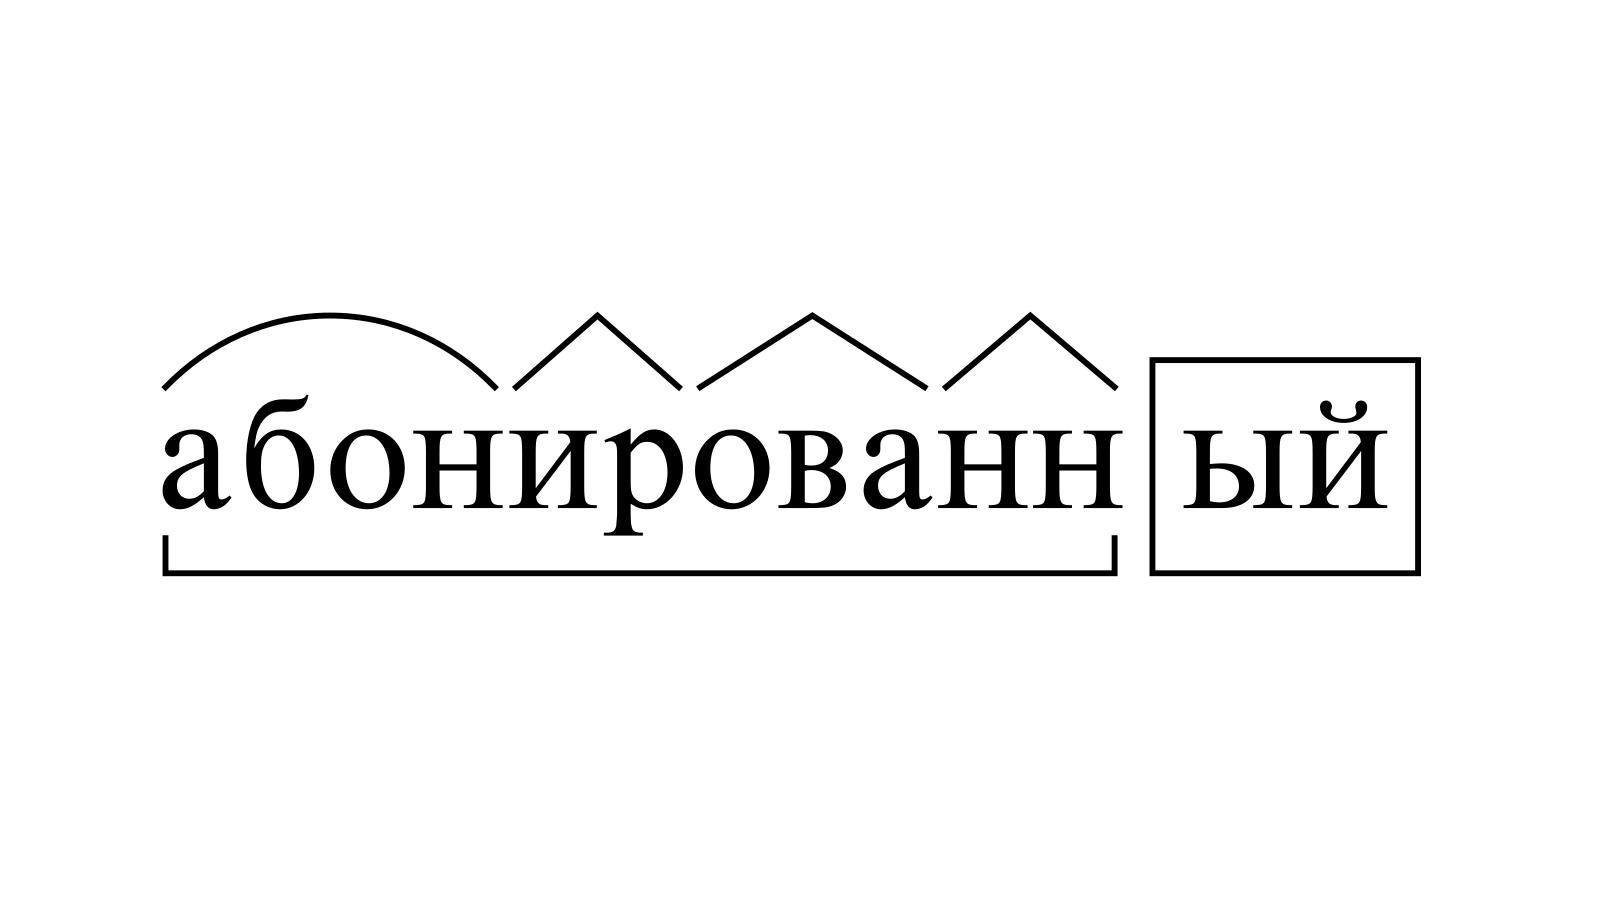 Разбор слова «абонированный» по составу